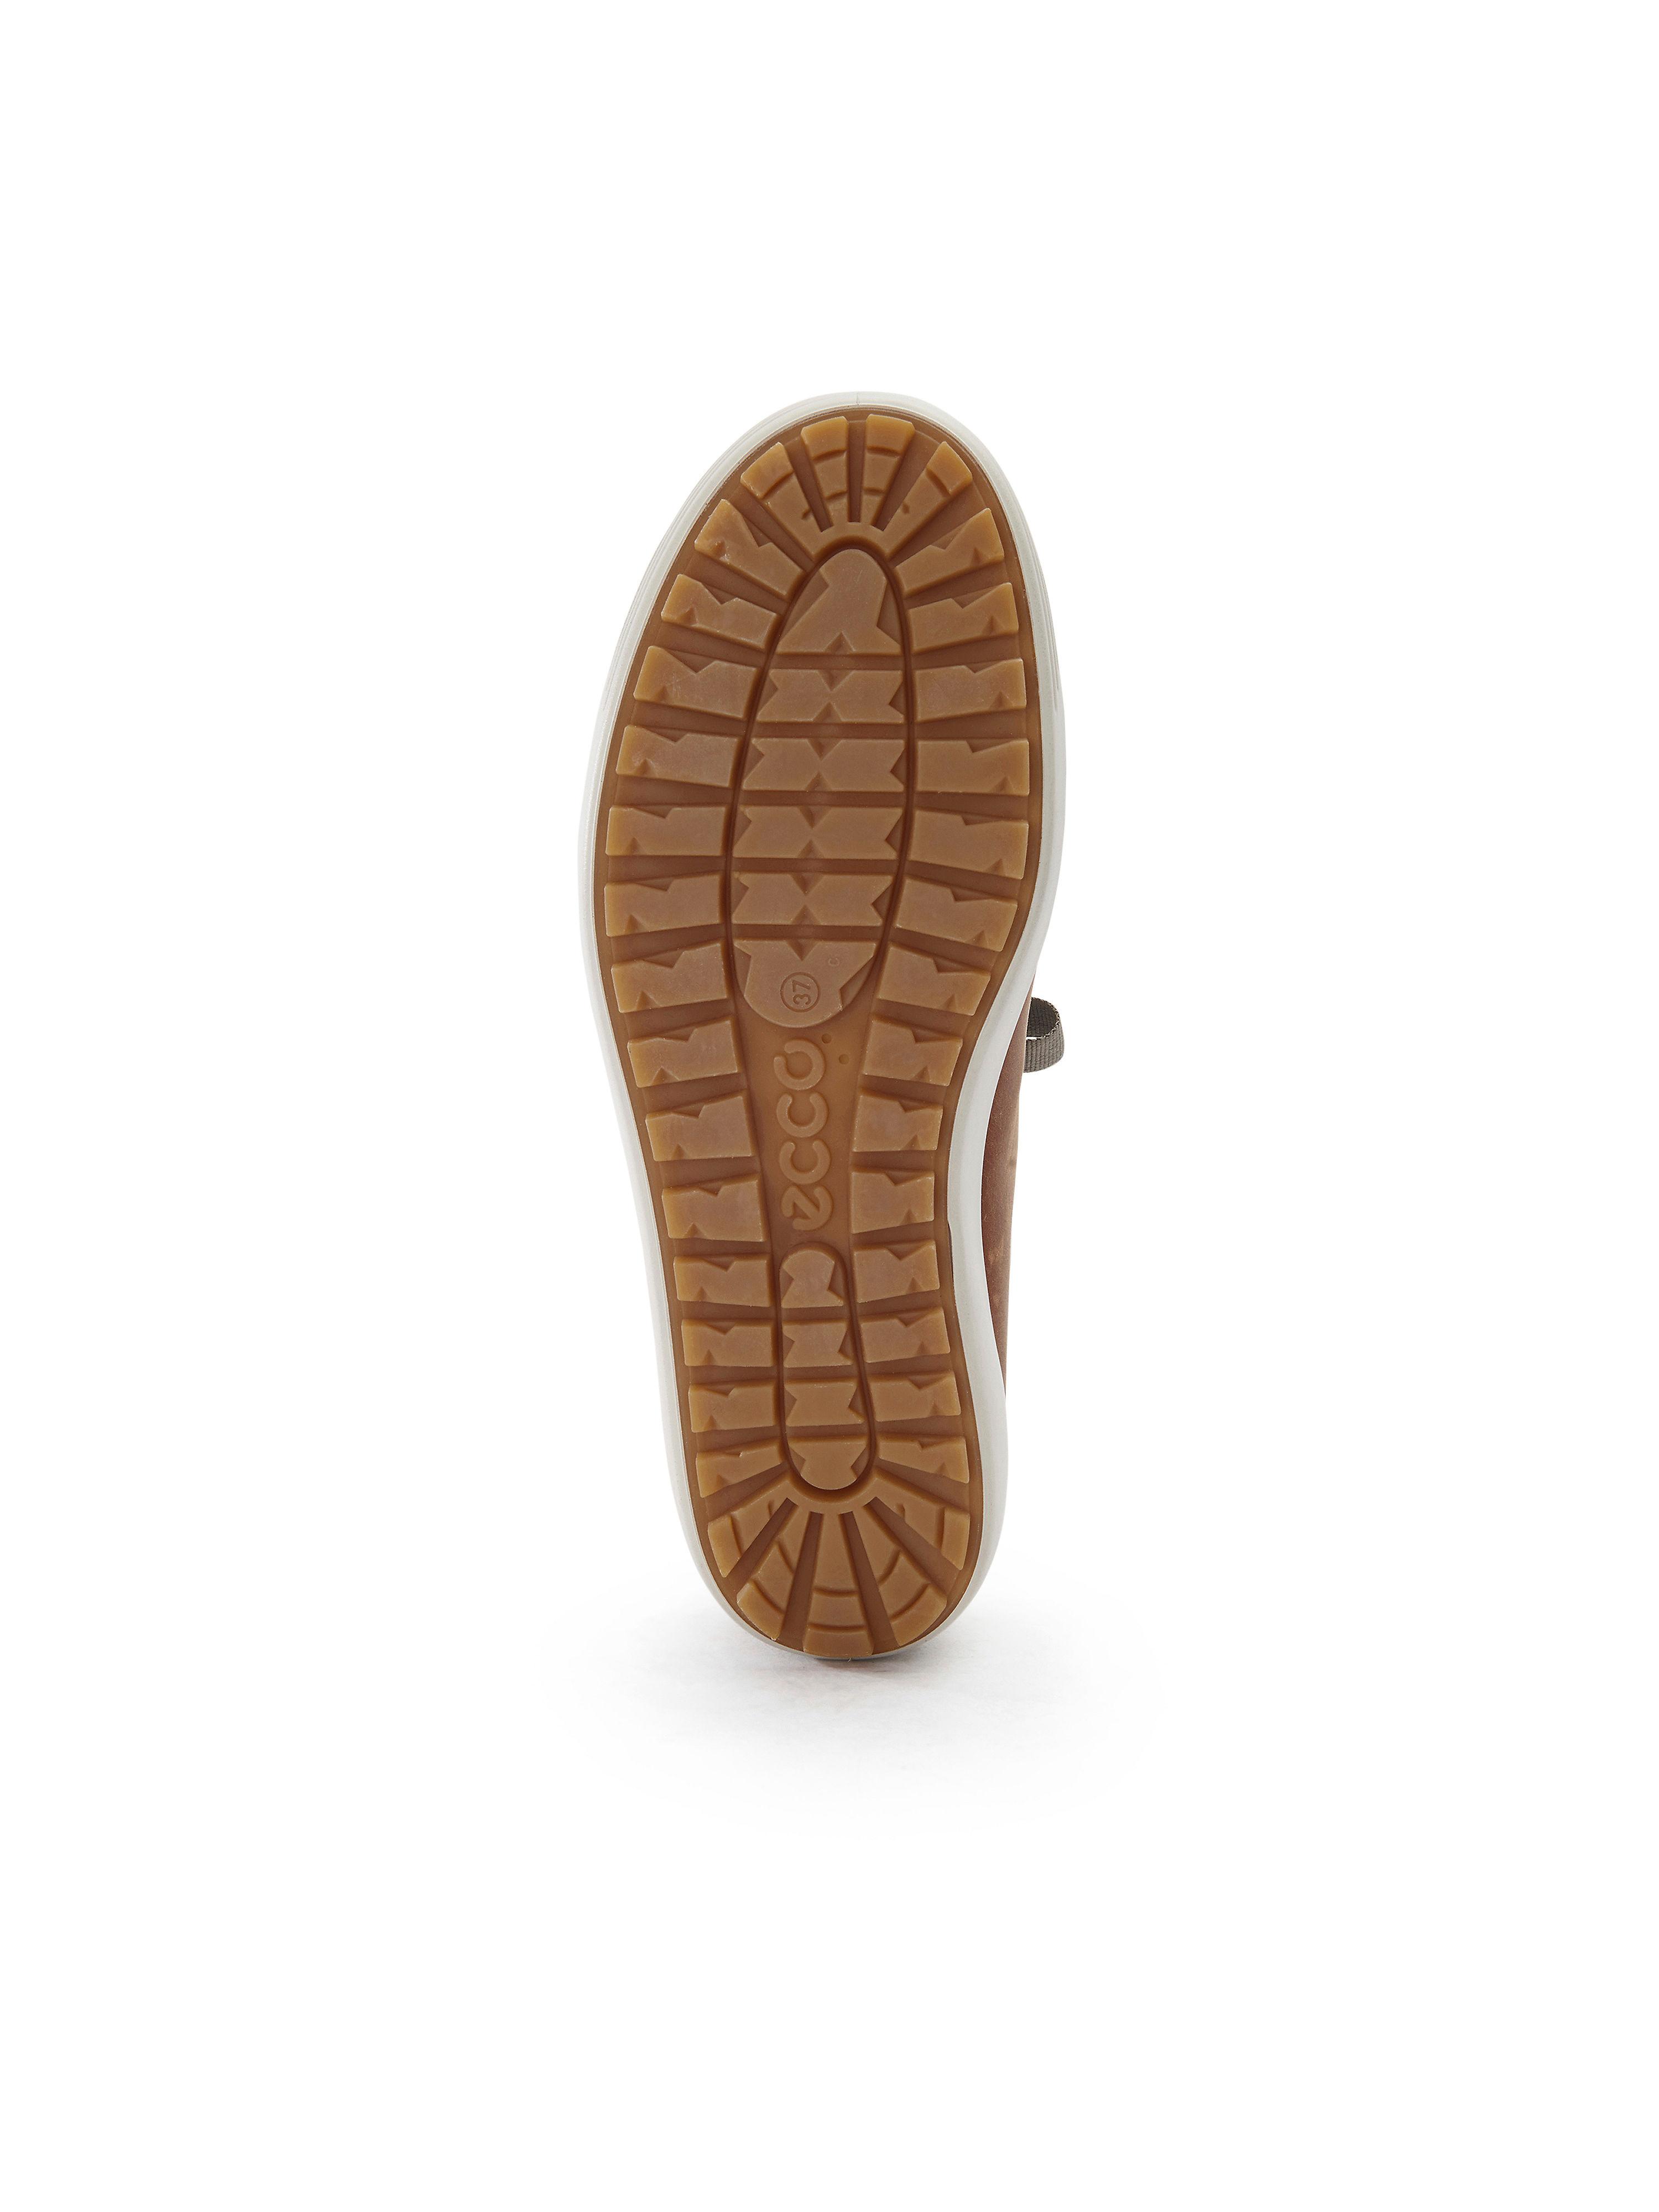 Ecco - Seven Knöchelhoher Sneaker Soft Seven - TROT - Cognac Gute Qualität beliebte Schuhe 72762d